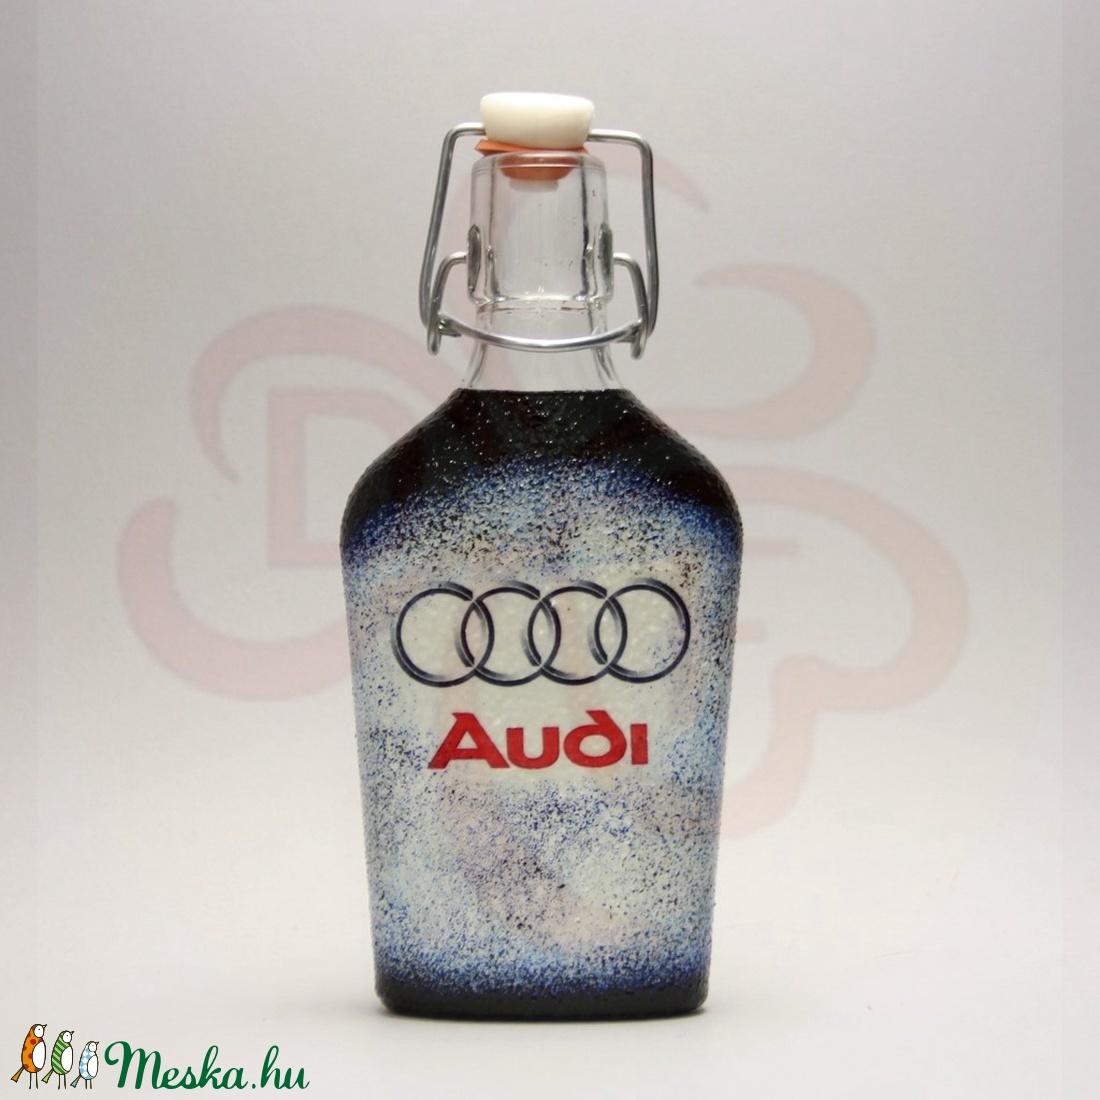 Audi csatosüveg ; Audi rajongóknak - Meska.hu